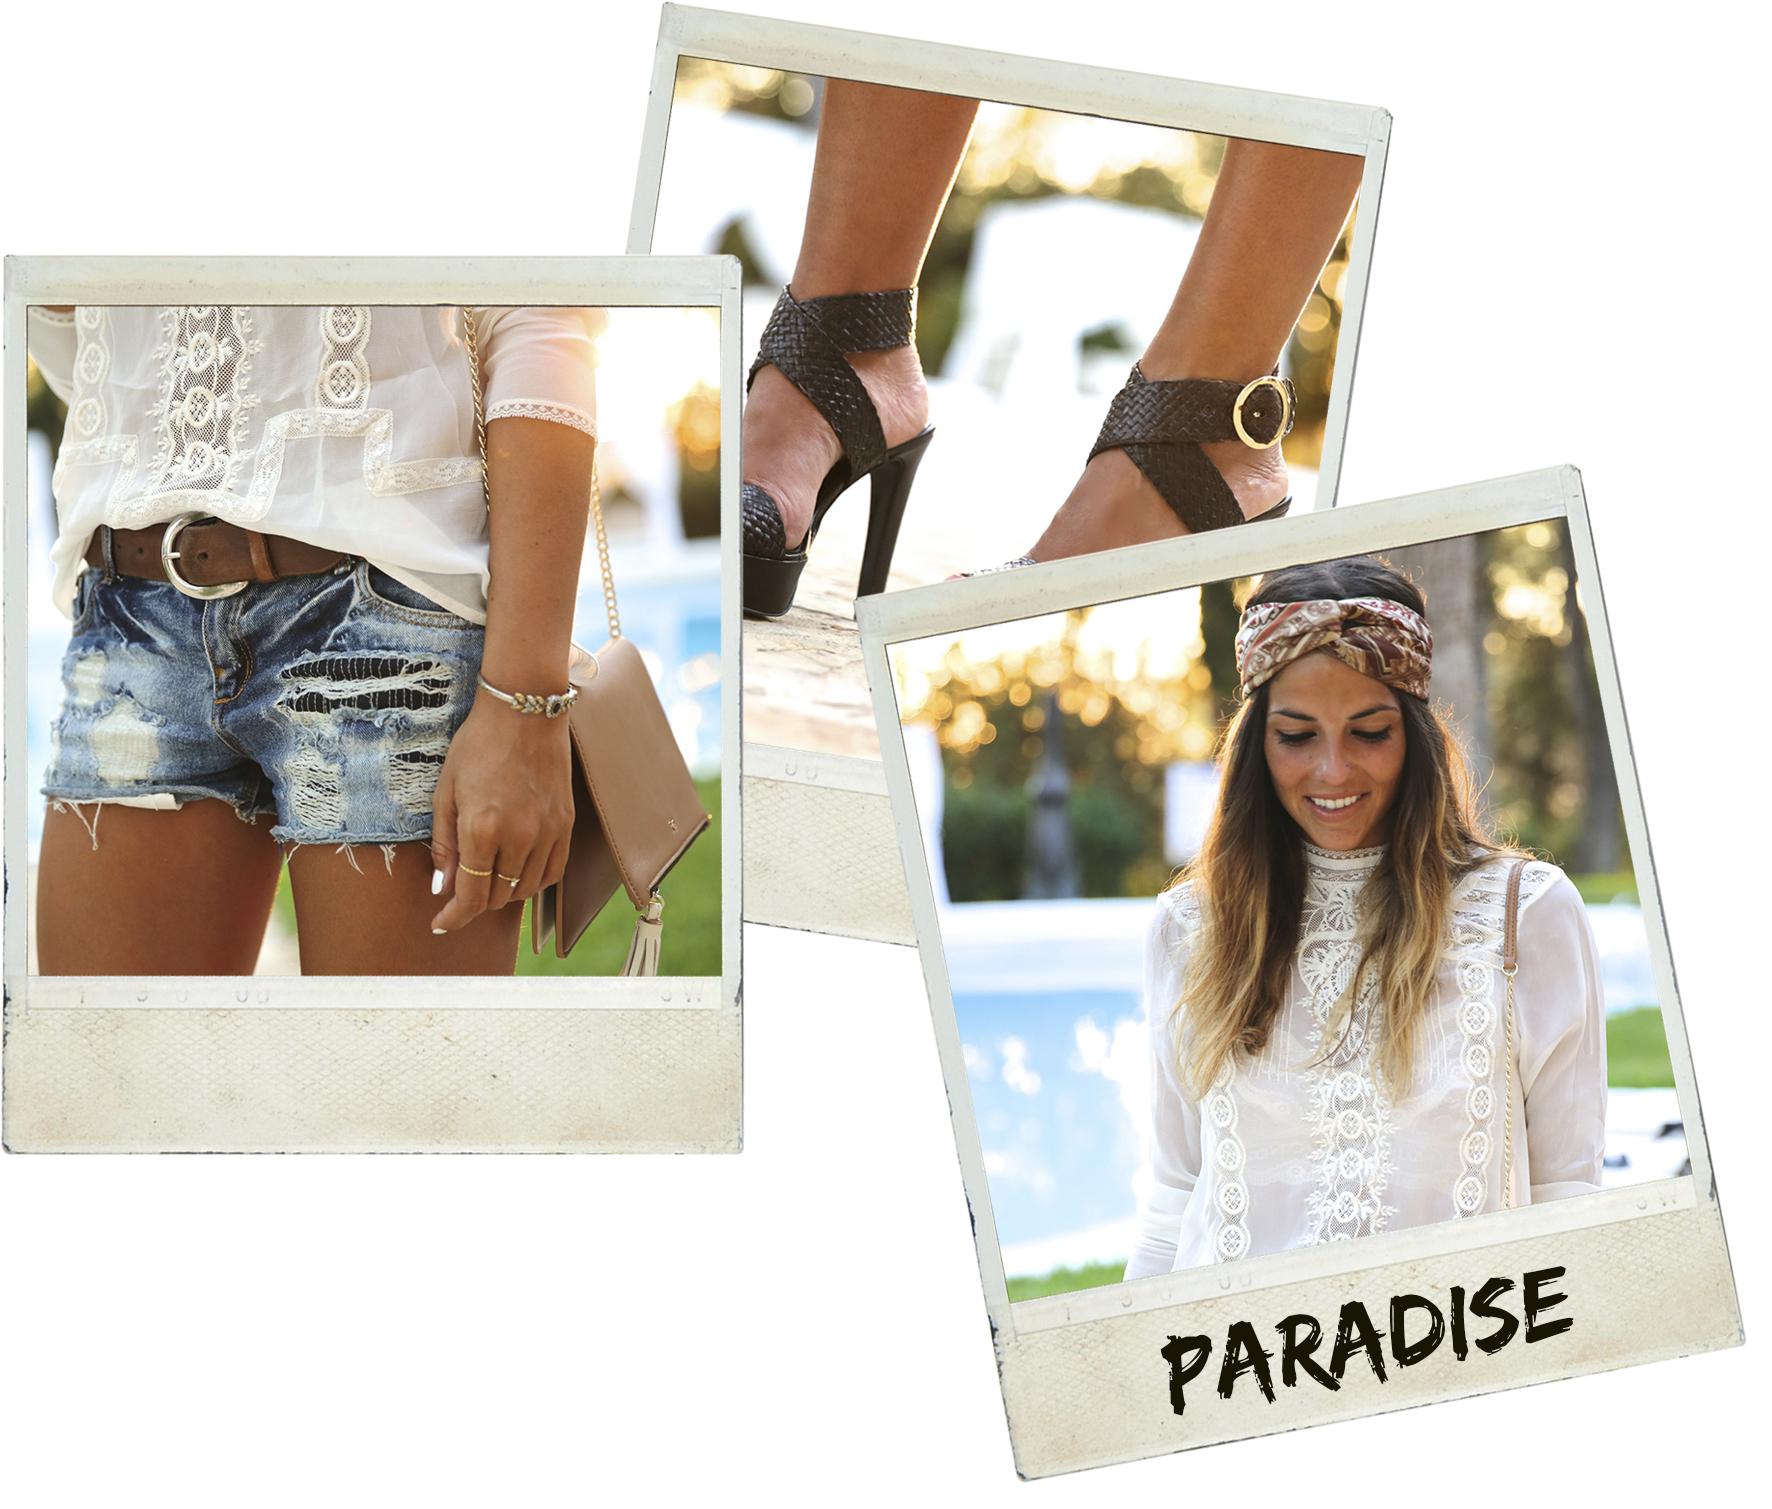 trendy_taste-look-outfit-street_style-ootd-blog-blogger-fashion_spain-moda_españa-boho-hippie-denim_shorts-shorts_vaqueros-blusa-blouse-mas34-pg-ibiza-sa_talaia-polaroid